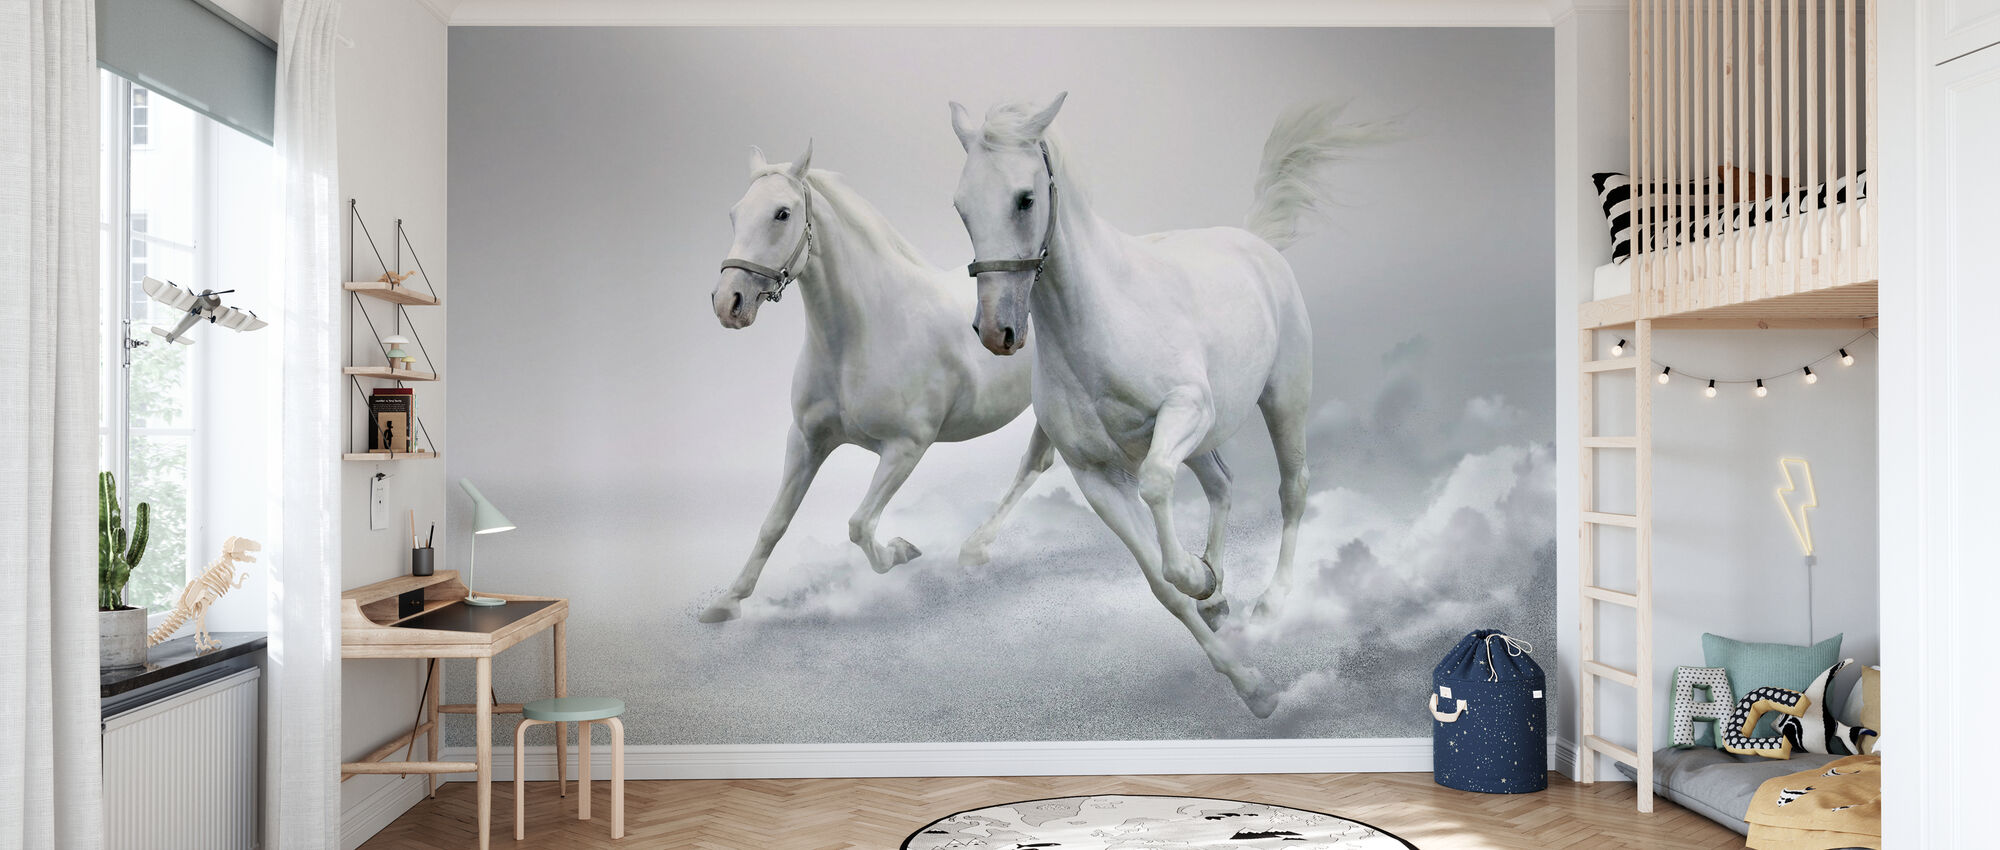 Weiße Pferde - Tapete - Kinderzimmer